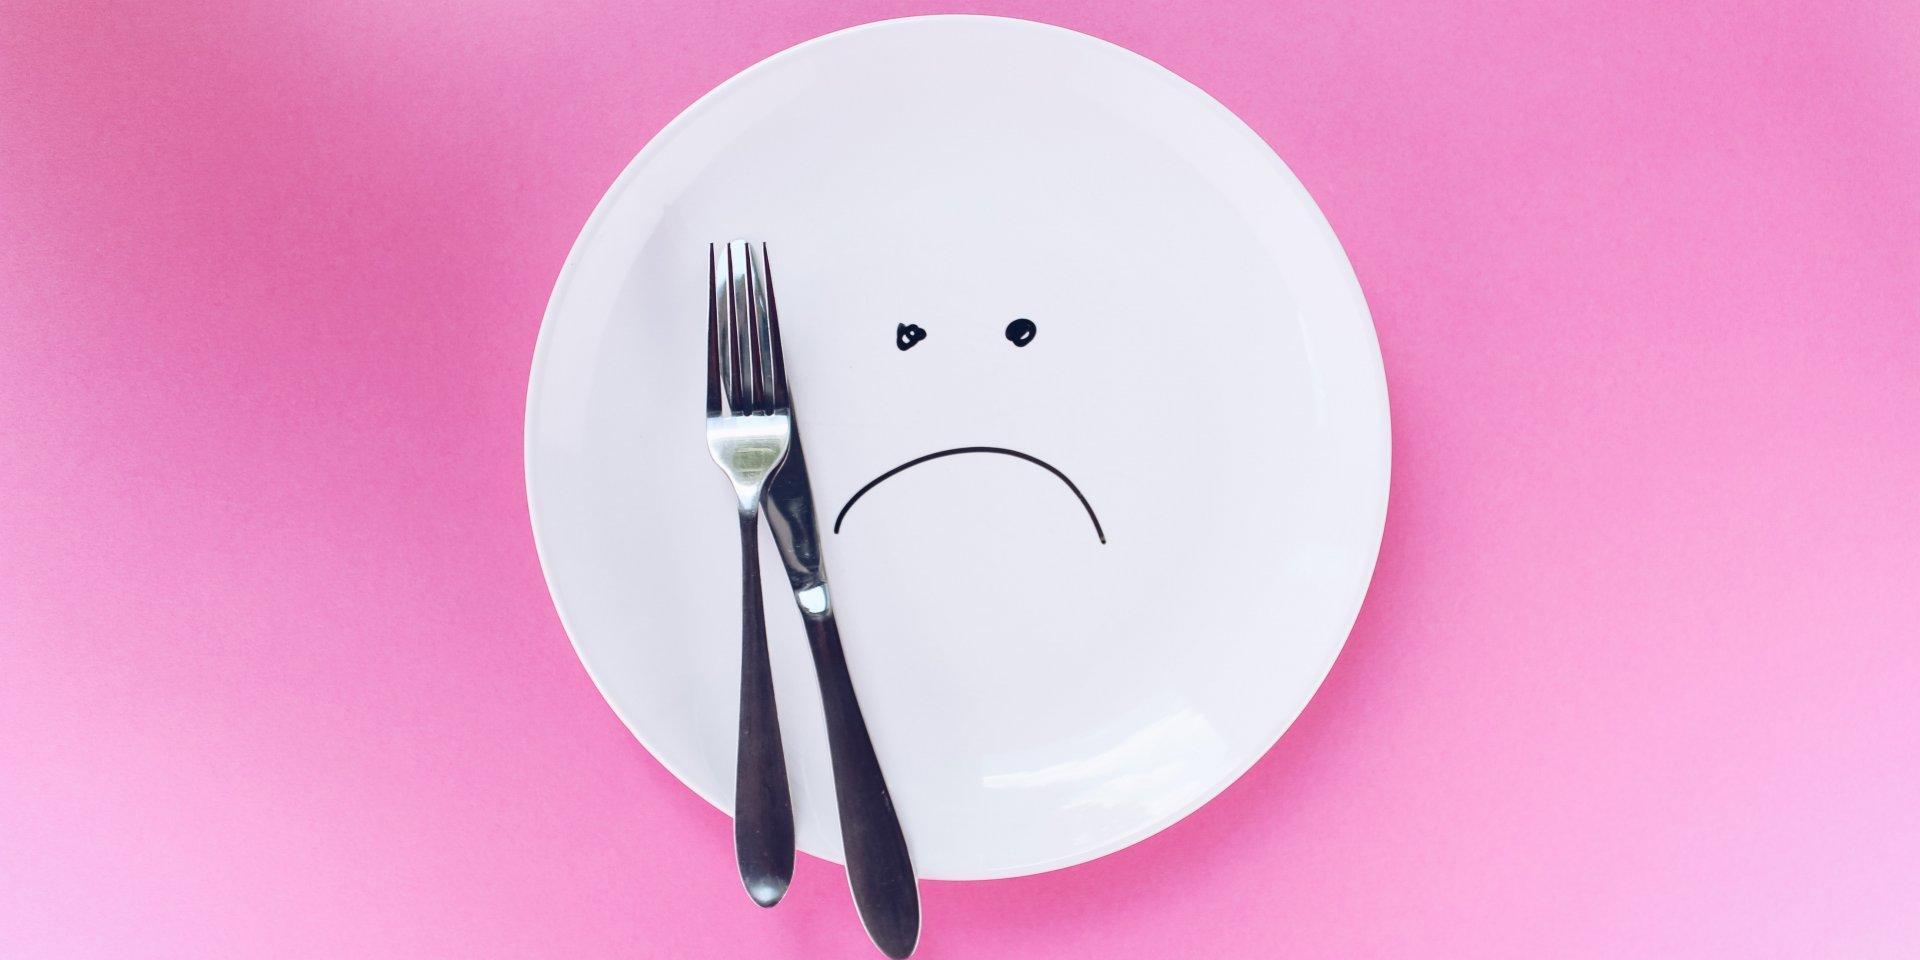 Гастрит: виды, симптомы, диеты, лечение